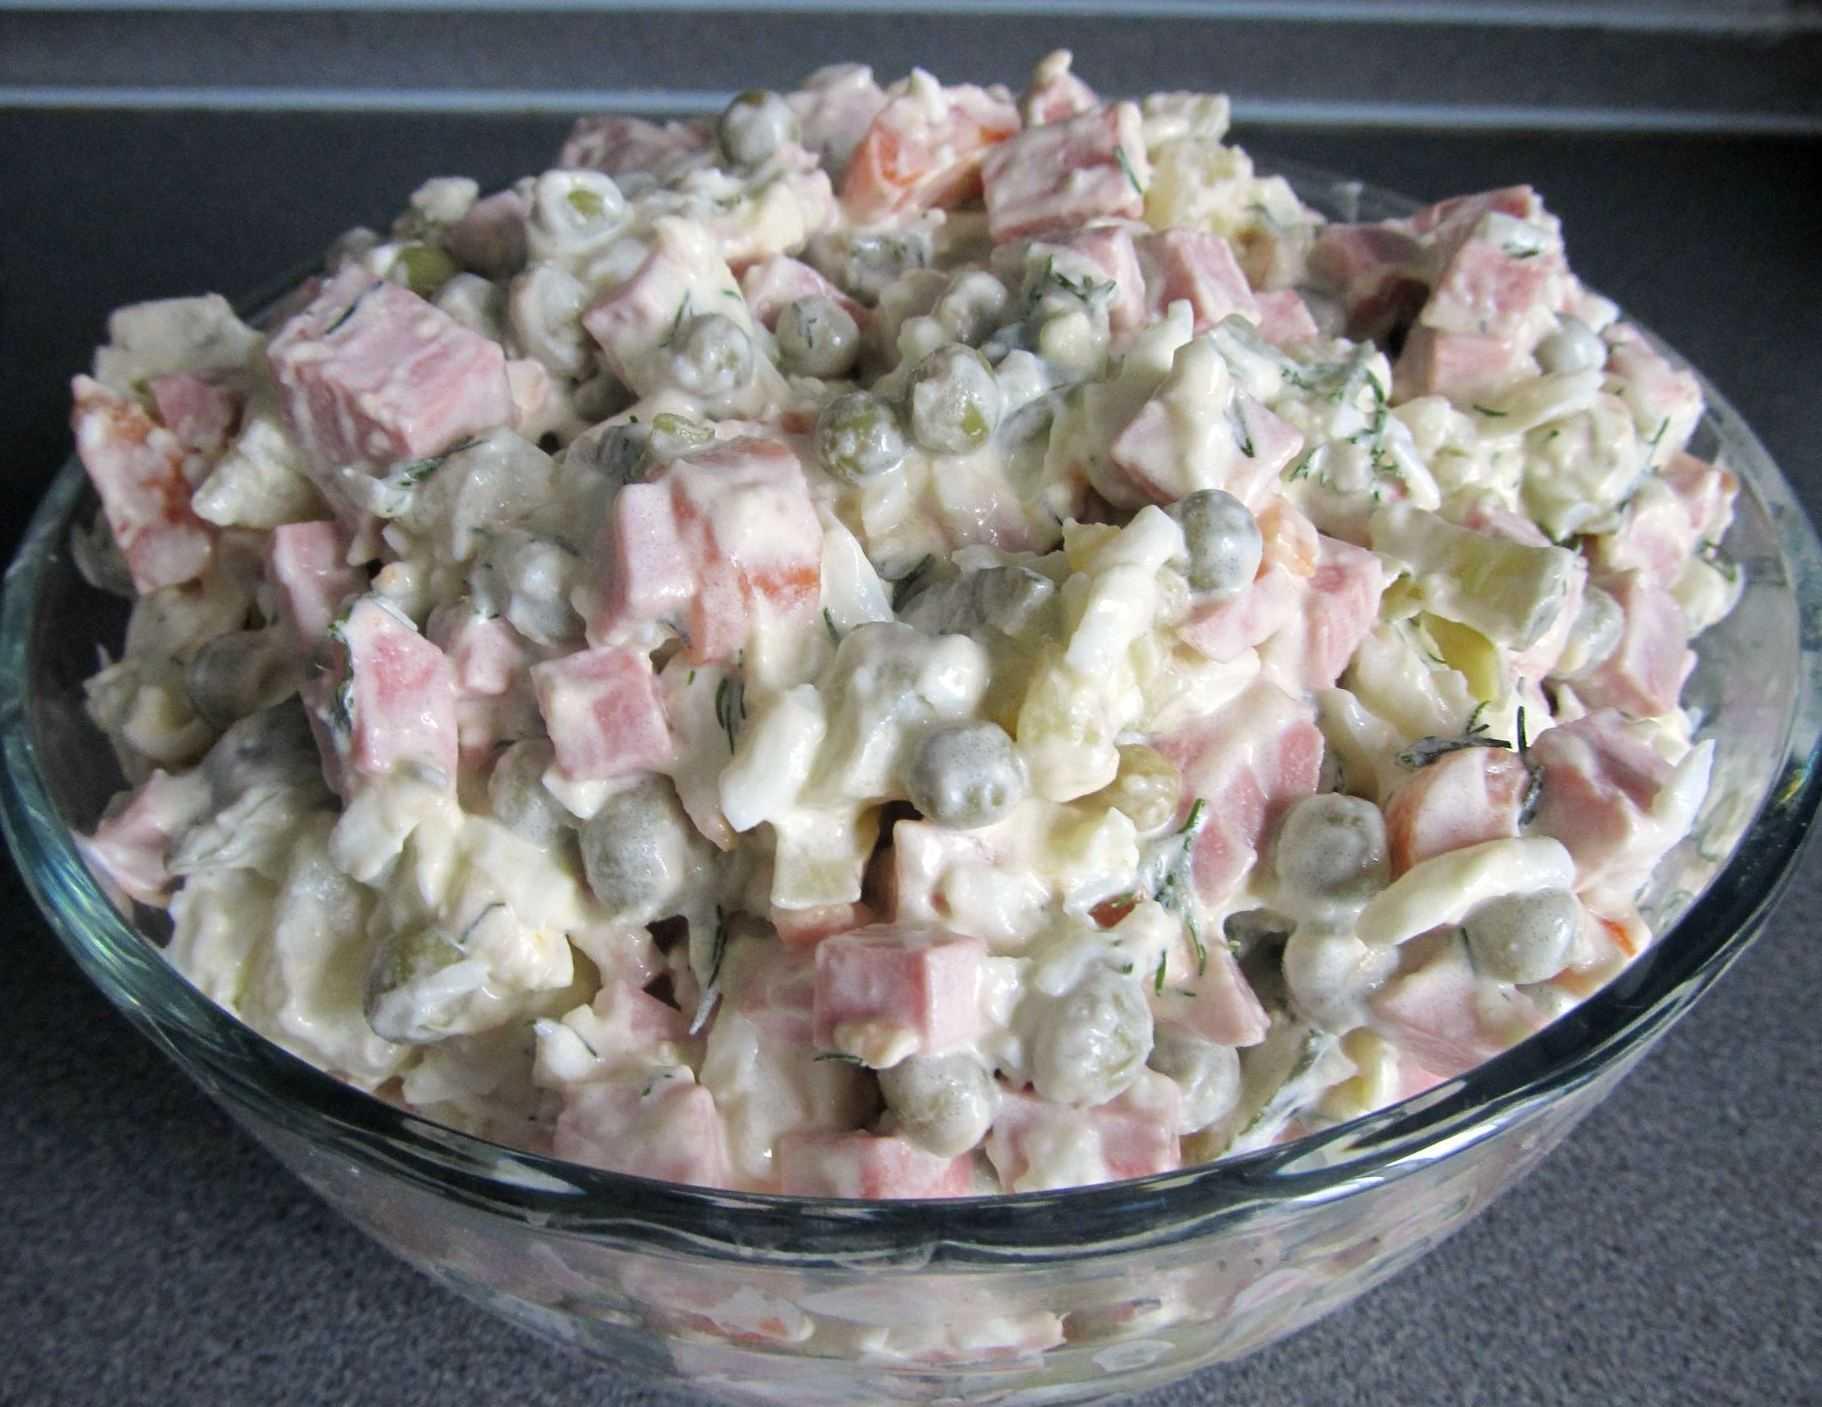 Сытный салат для всей семьи На страничке вы найдете похожие рецепты, подсказки, пошаговые фото этапов, кулинарные советы, комментарии пользователей, рекомендации